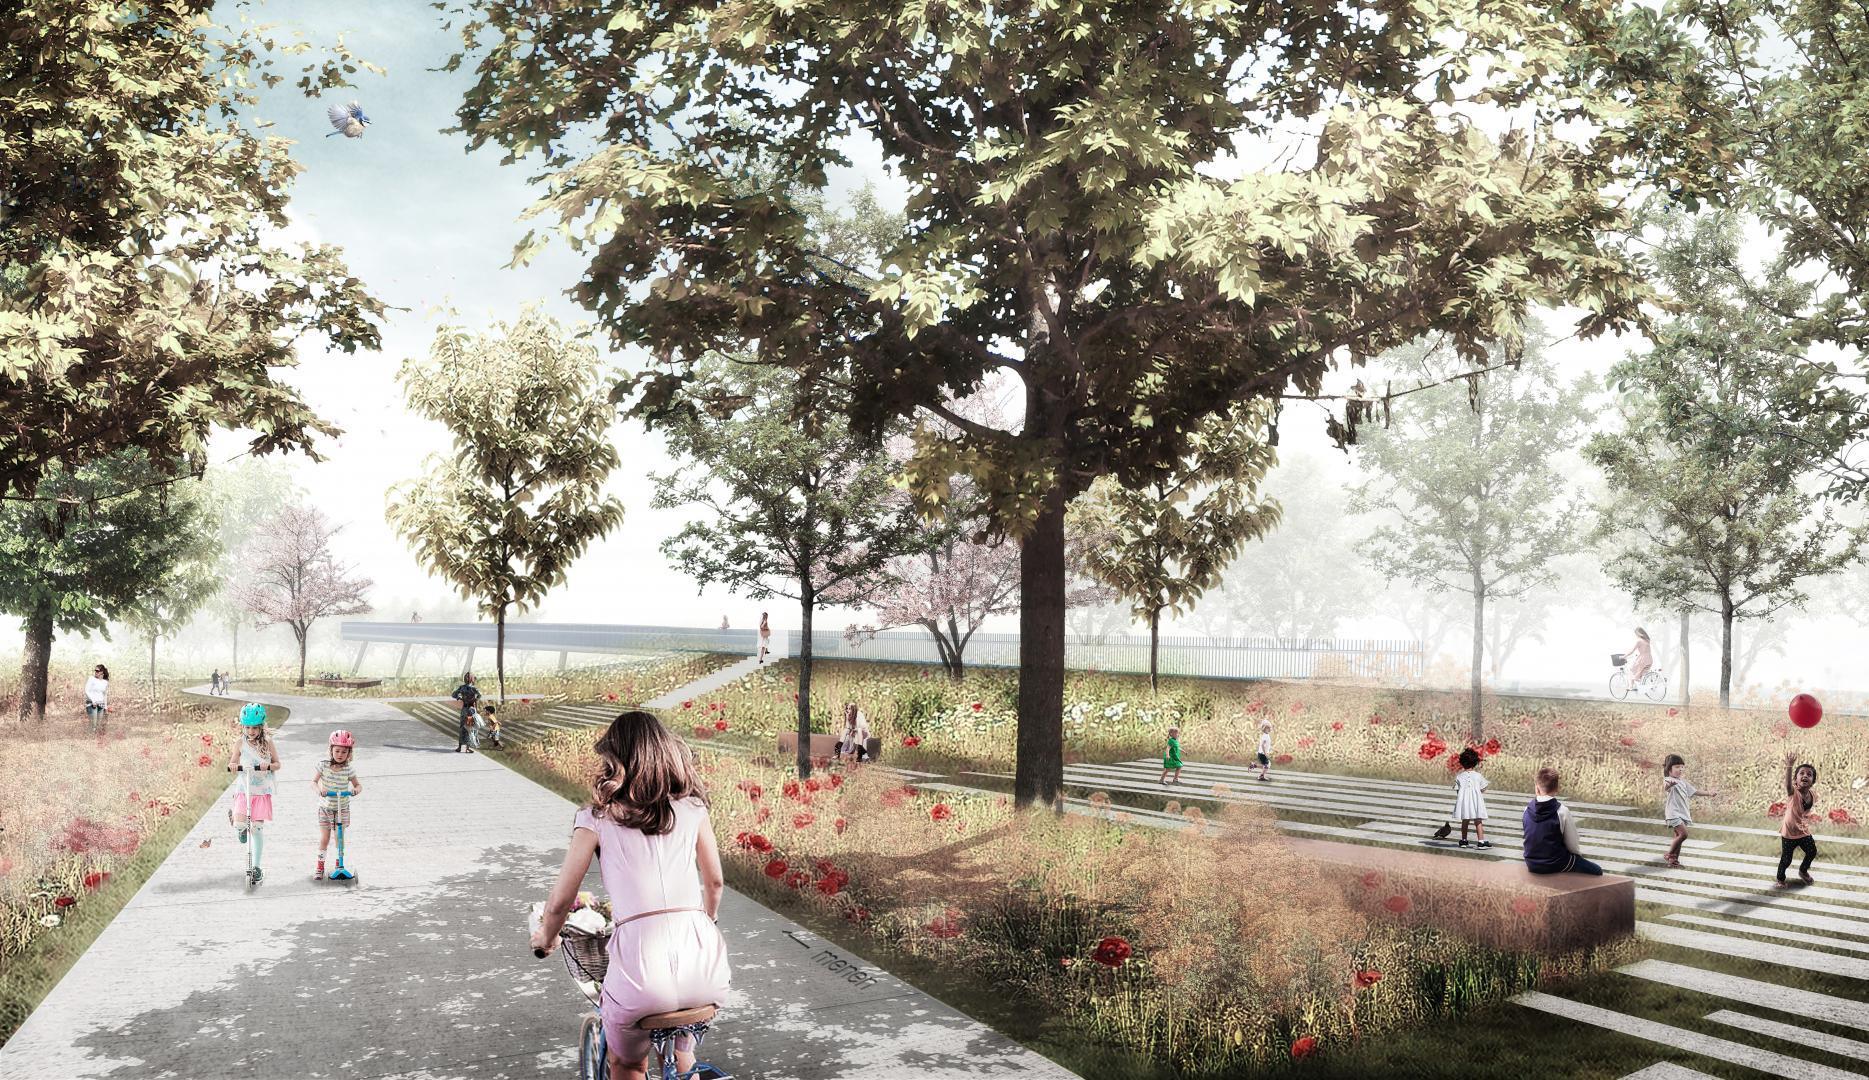 Beeld fiets- en voetgangersbrug: Barakkenpark